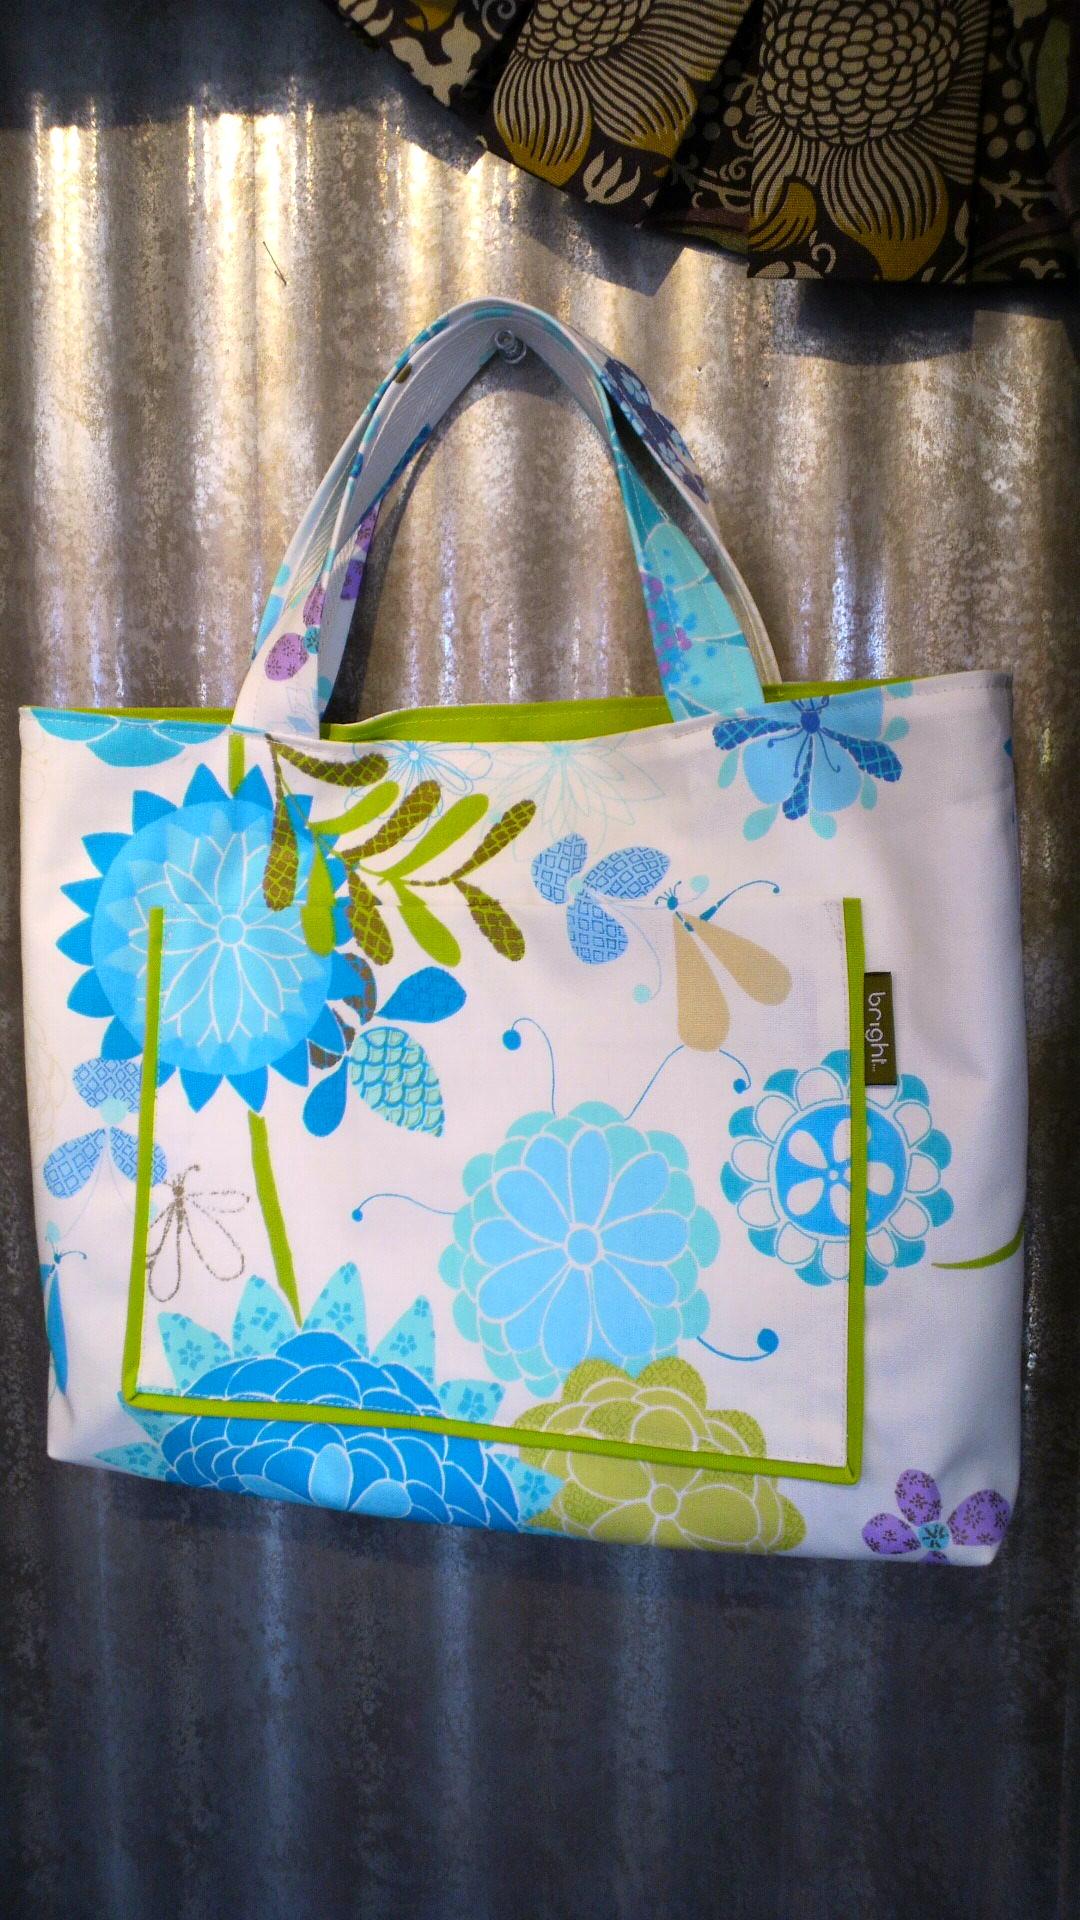 カーテン生地で作る、子供用の布バッグ。_c0157866_12452029.jpg